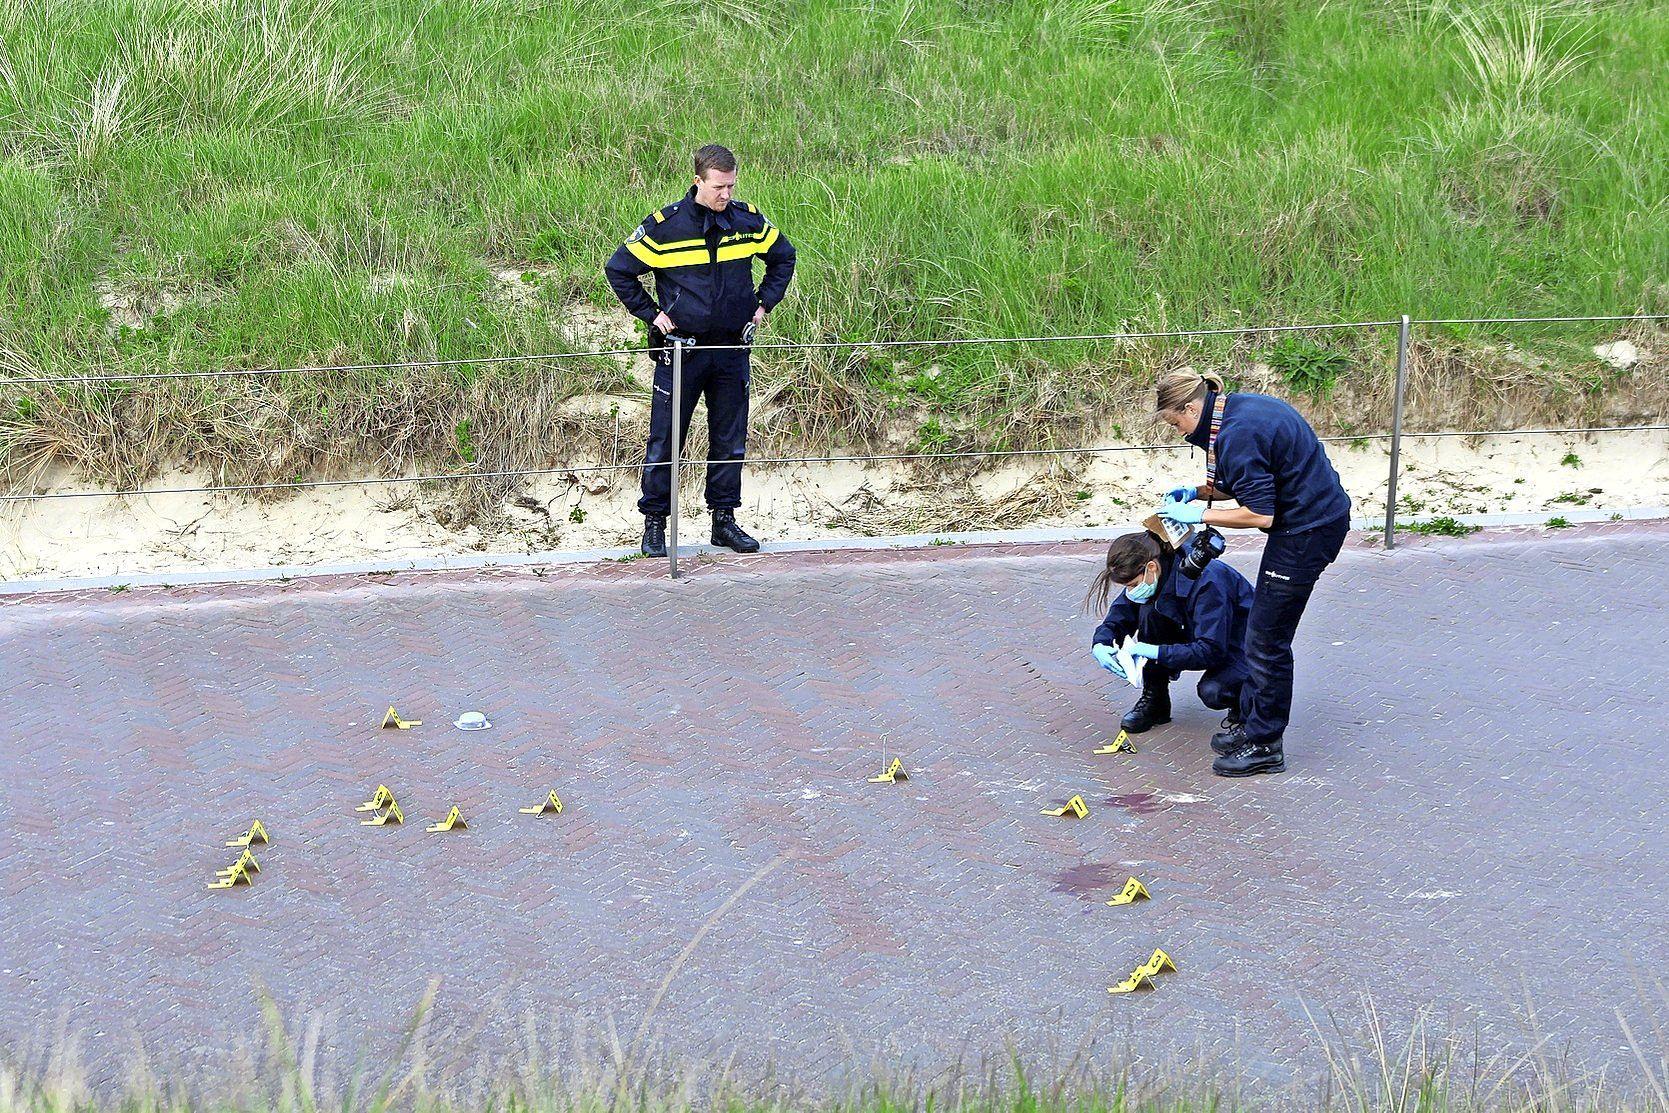 'Explosie van uitzinnig geweld' tegen Duitse toeristen in Egmond aan Zee. Slachtoffers voor dood achtergelaten. Duo krijgt veel hogere celstraf